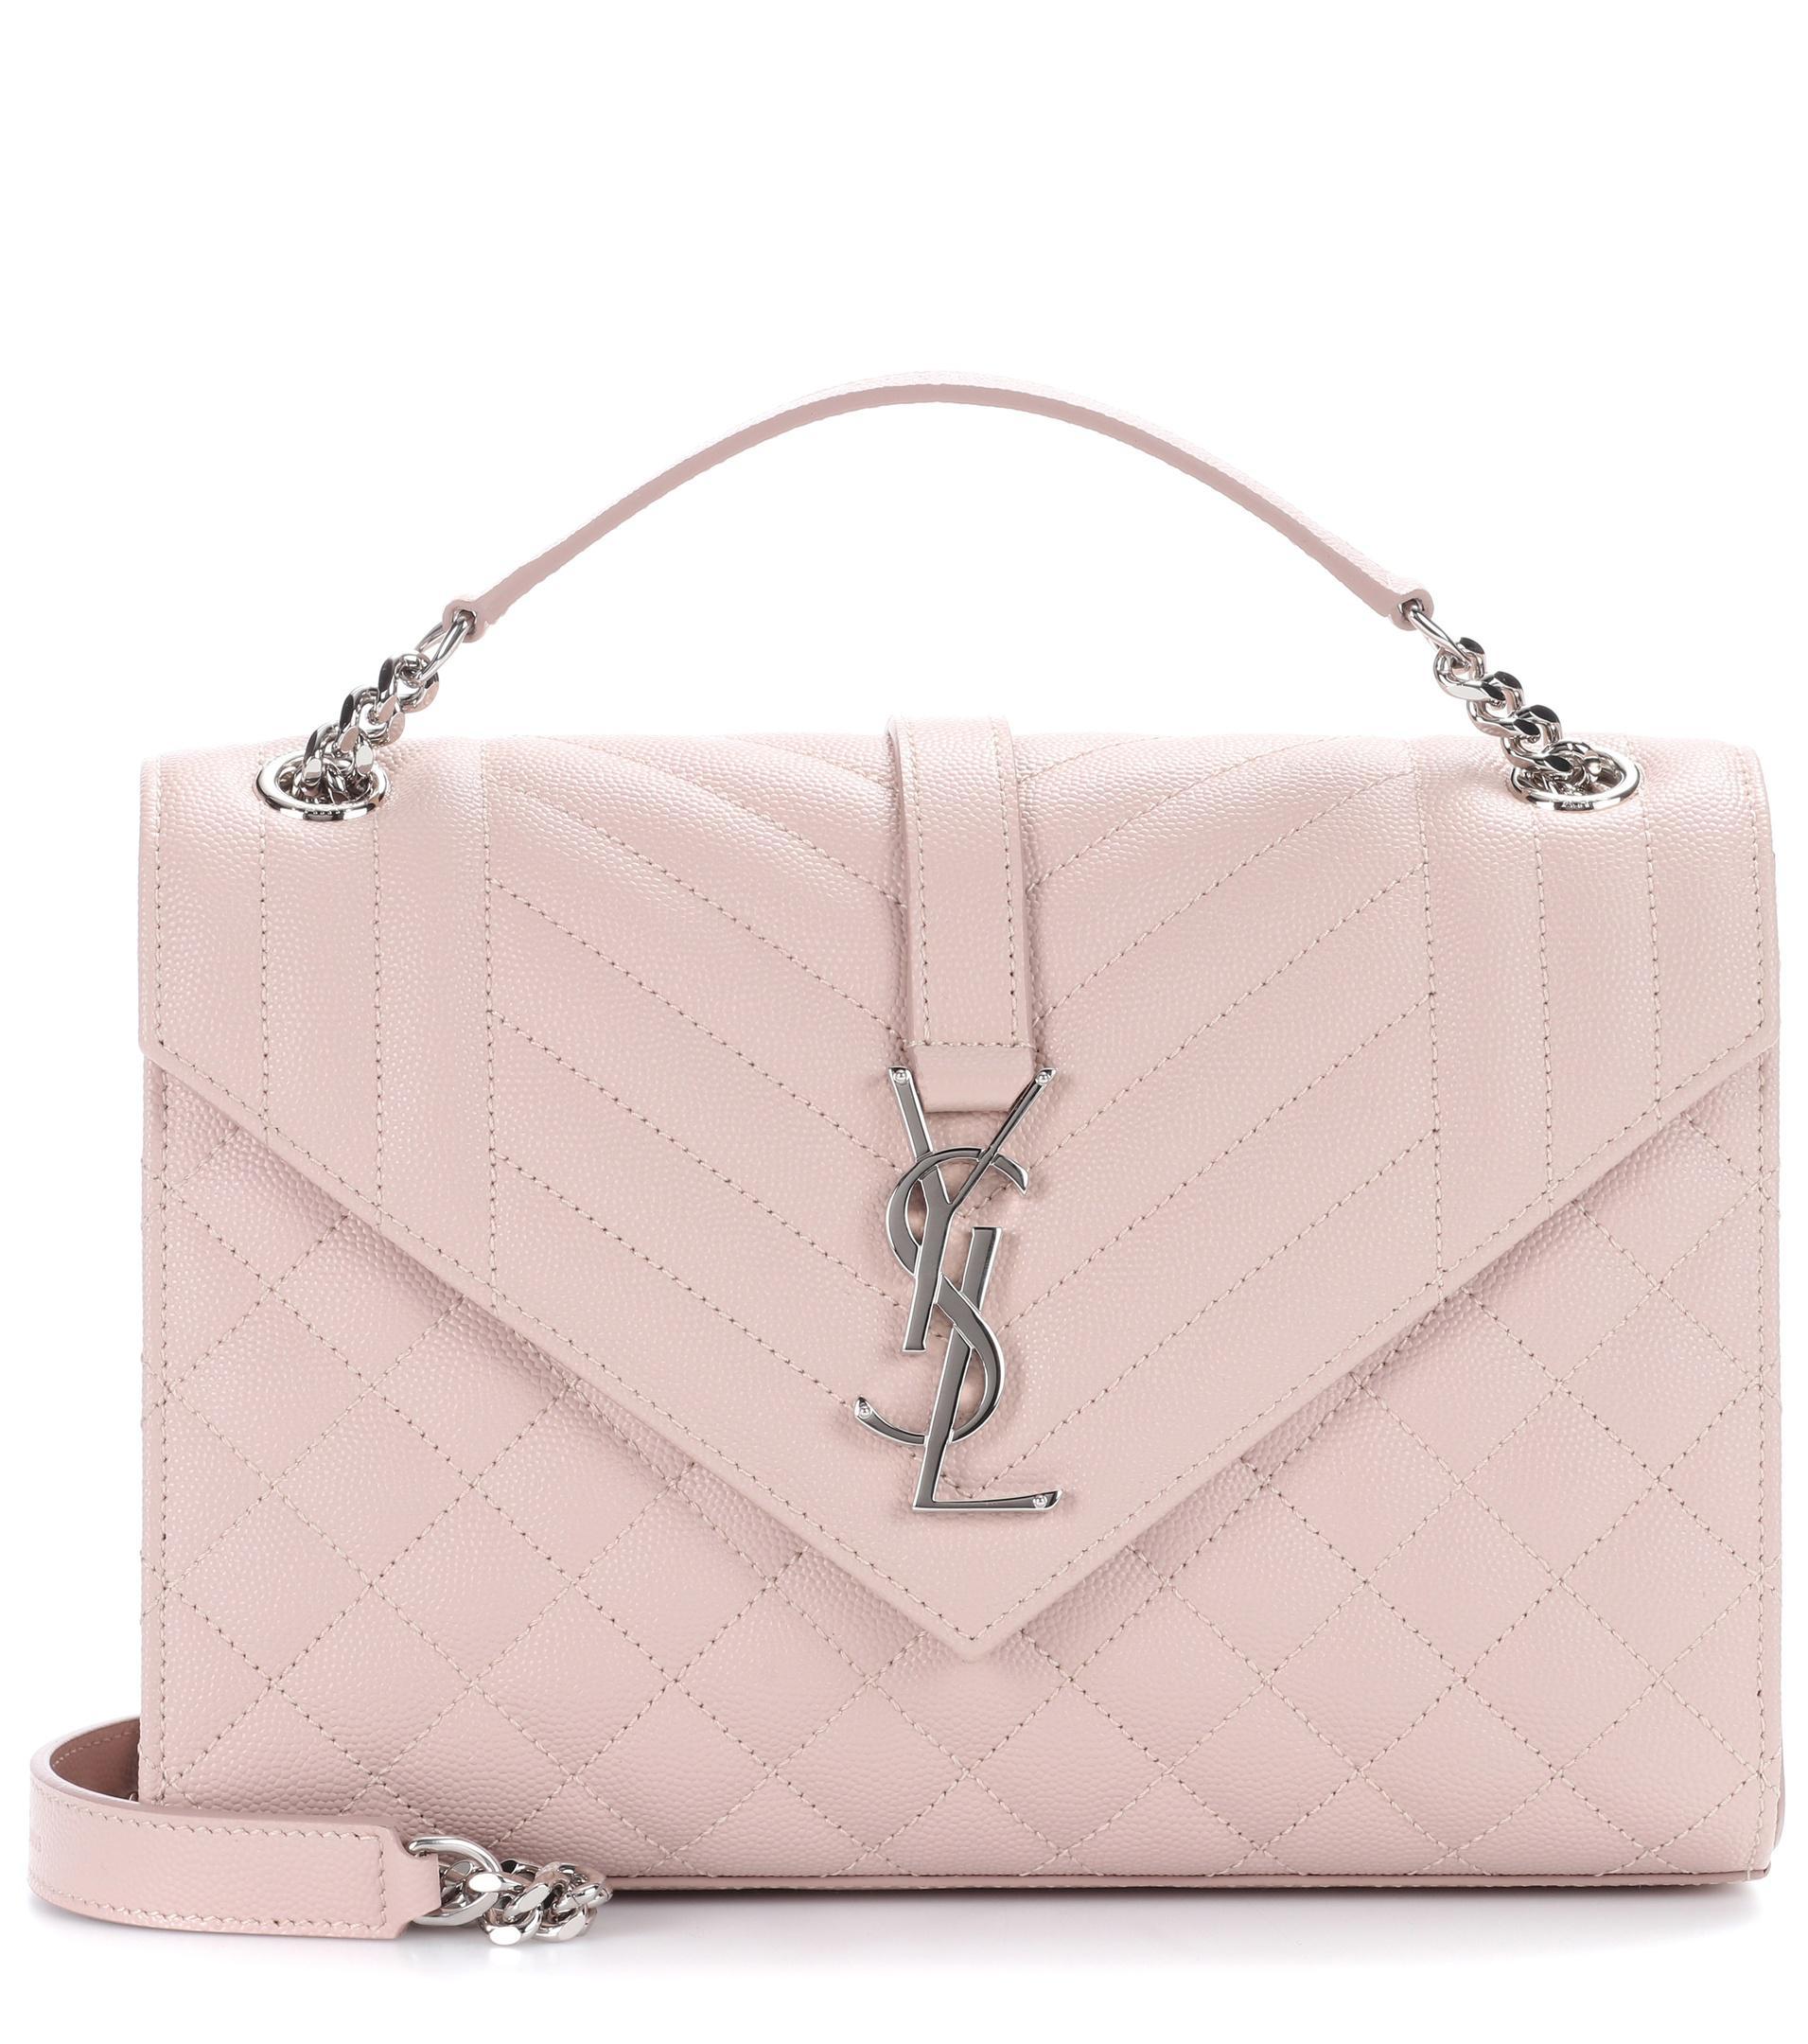 3b6ef10394f Lyst - Saint Laurent Medium Monogram Envelope Shoulder Bag in Pink